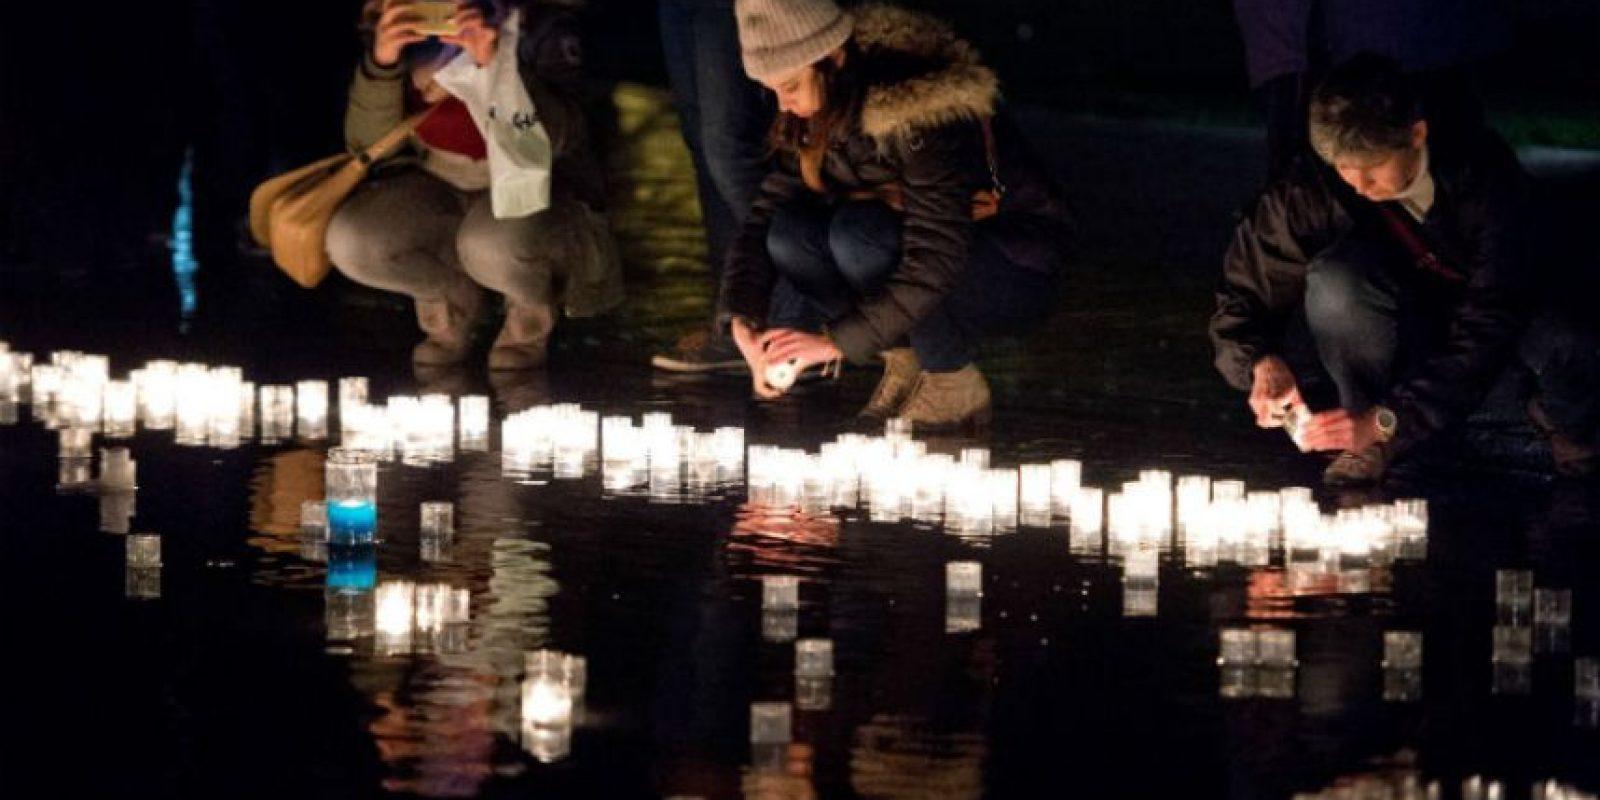 Las lagrimas, gritos, resos estuvieron presentes. Foto:AFP